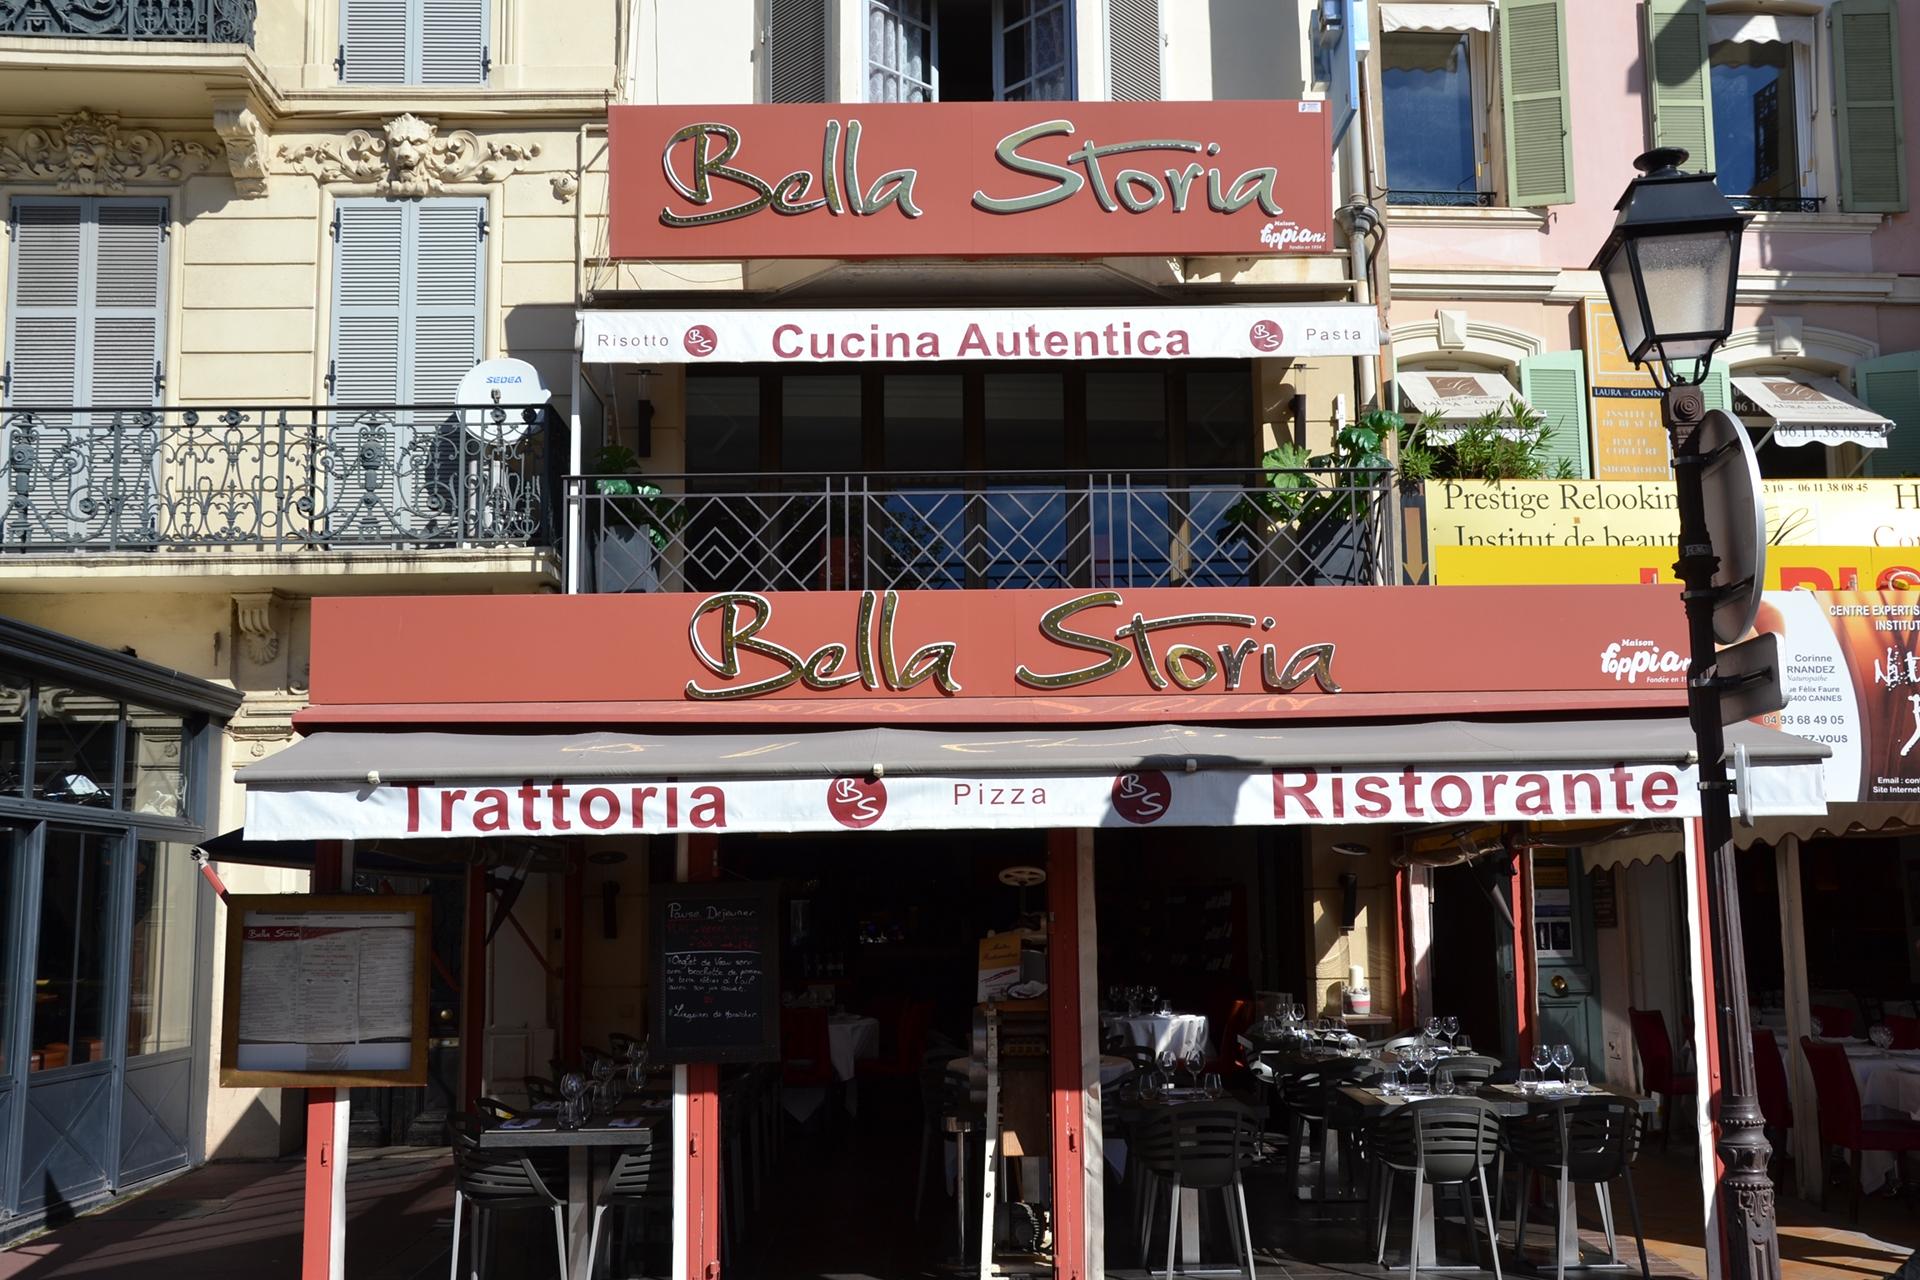 Entrée du restaurant italien bella storia cannes